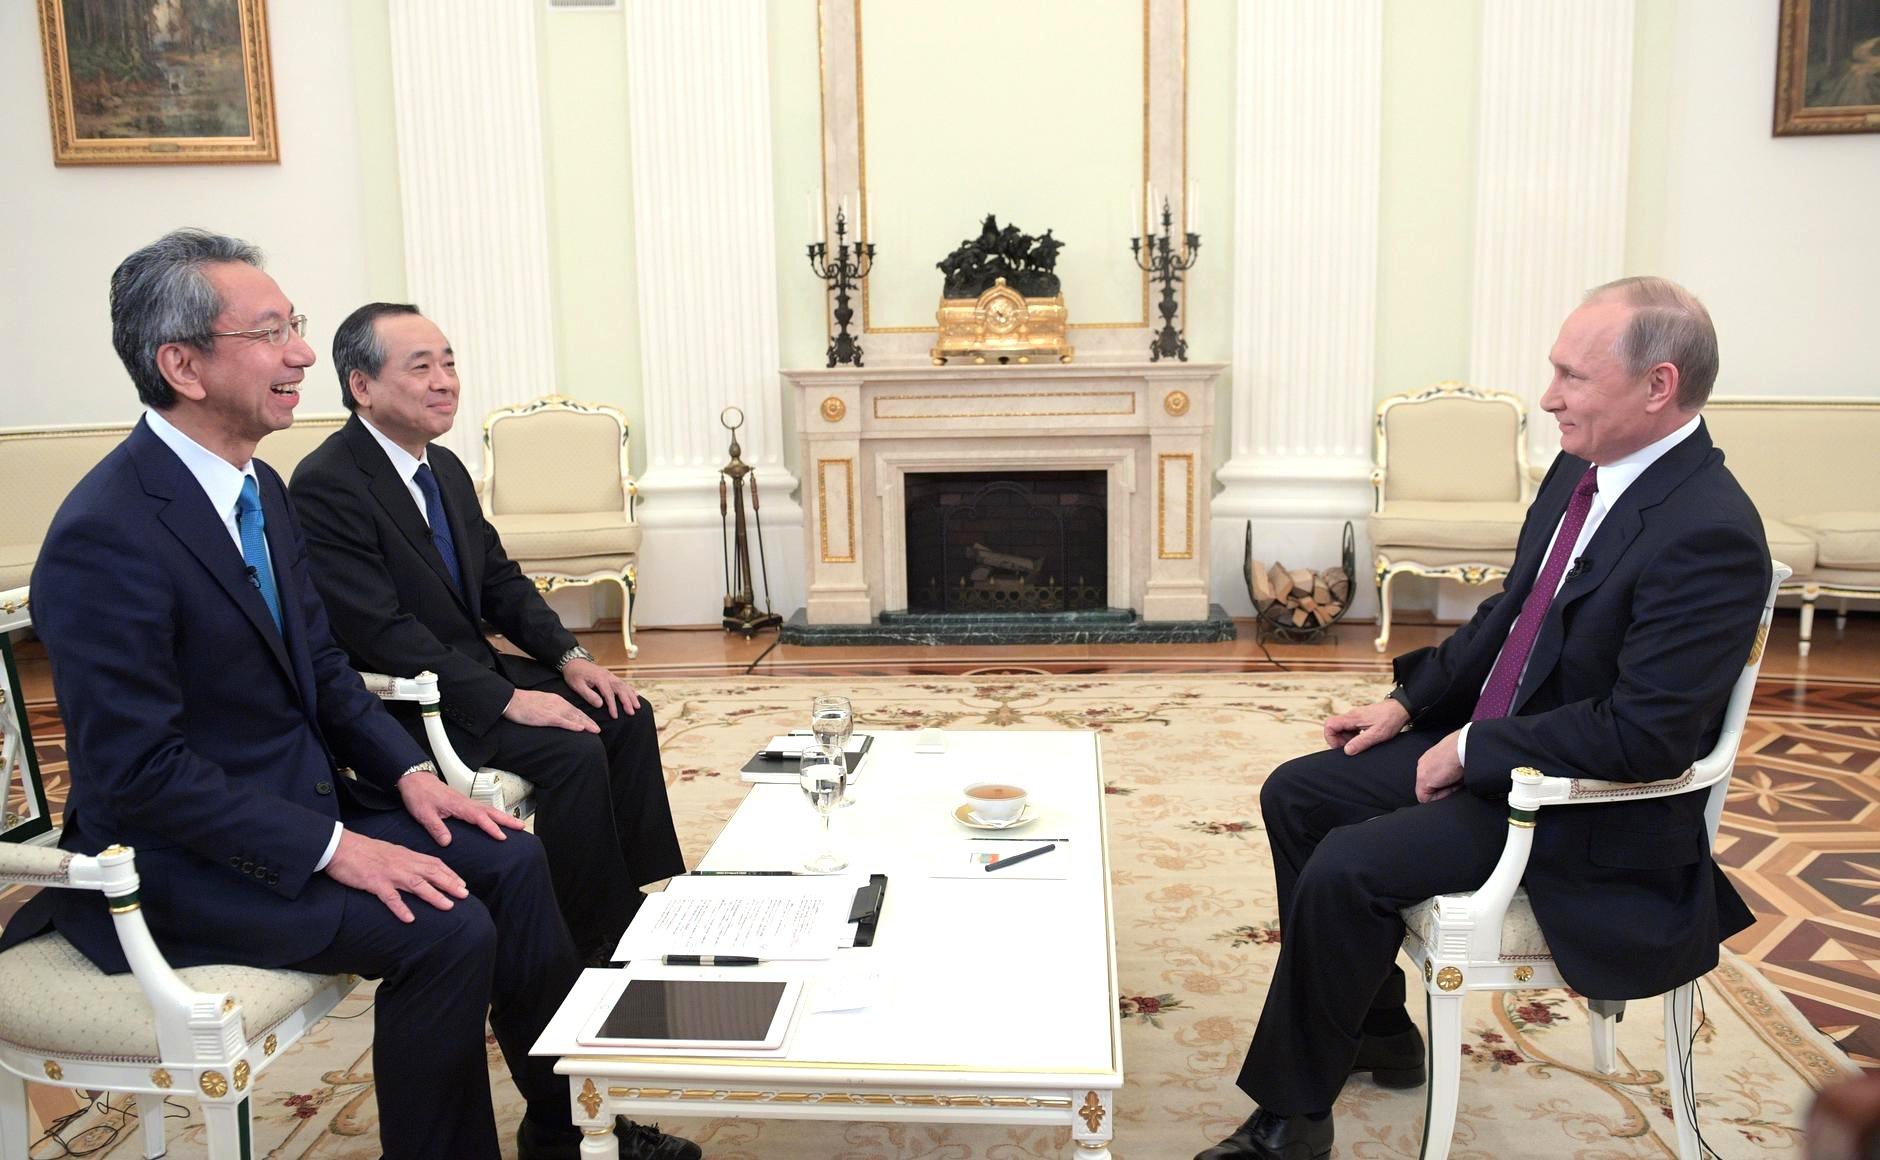 Владимир Путин дал интервью японским СМИ о китайско-российских отношениях